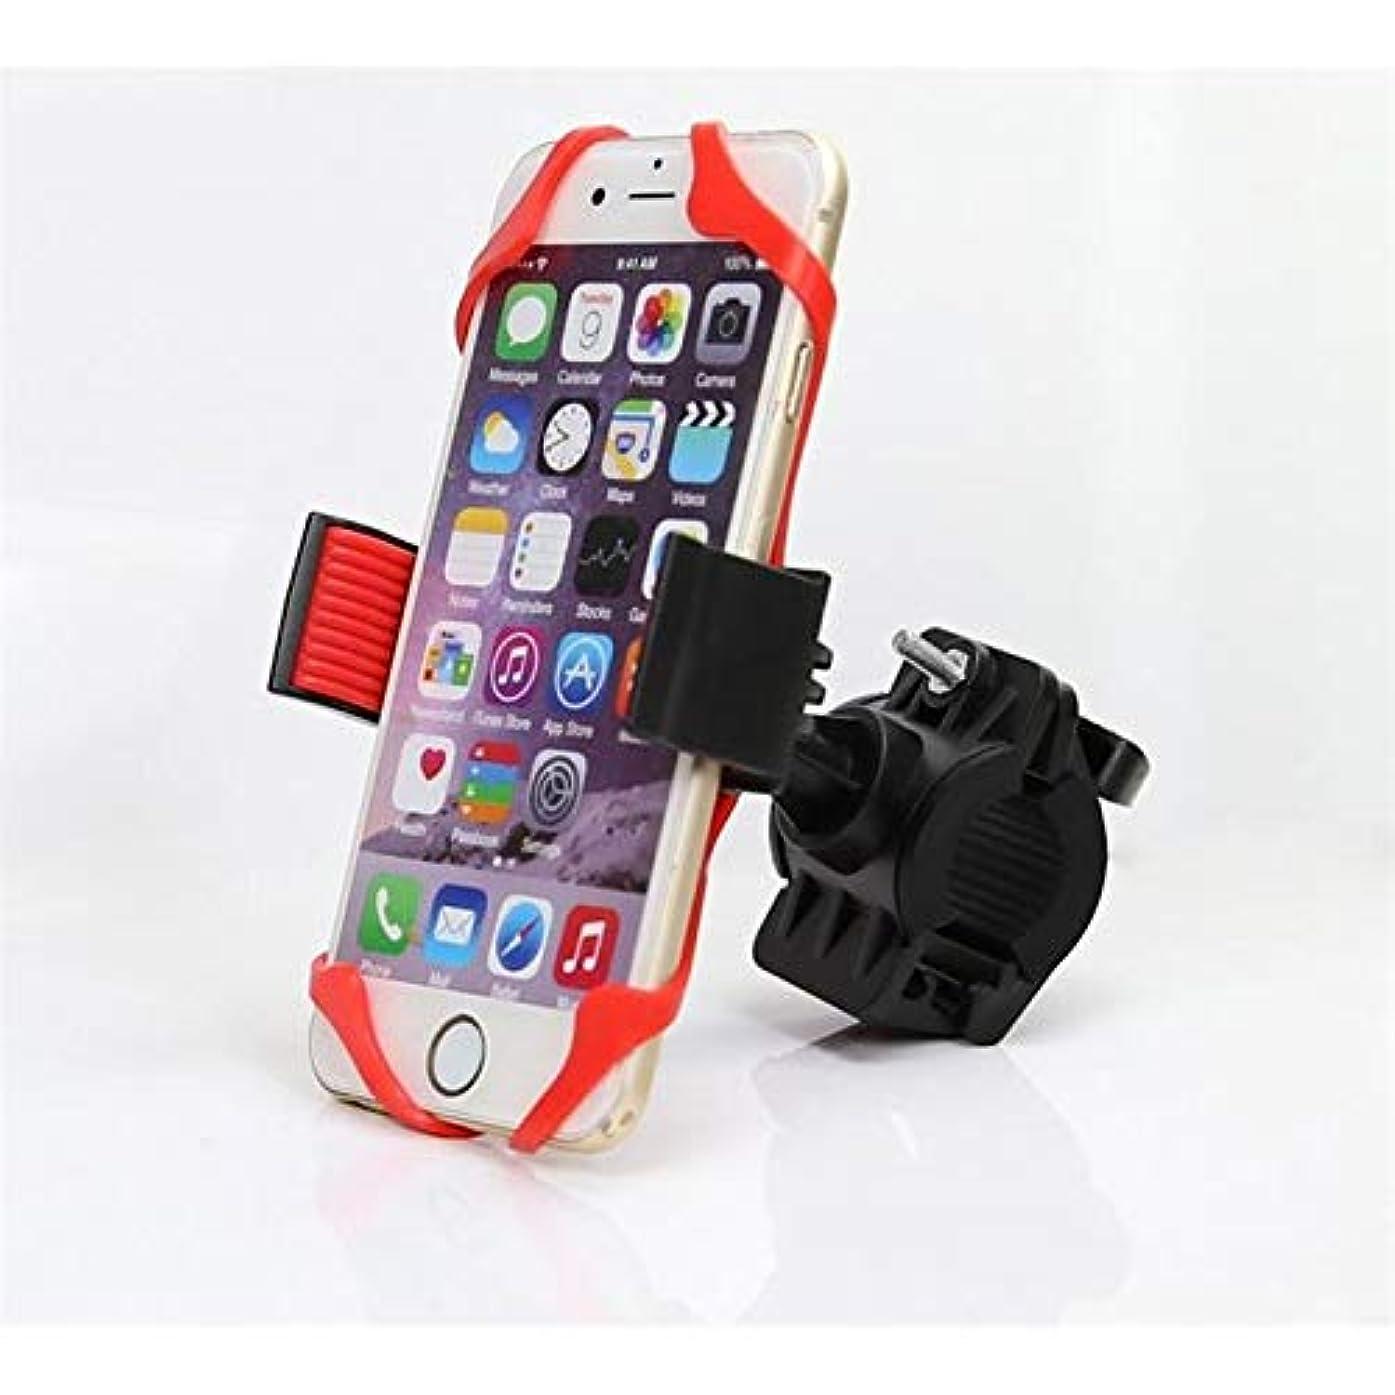 故意に干渉ピアノを弾くJicorzo - iPhoneの小米科技GPSユニバーサル用シリコーン360度回転可能でバイク自転車オートバイハンドルマウントホルダー携帯電話ホルダー